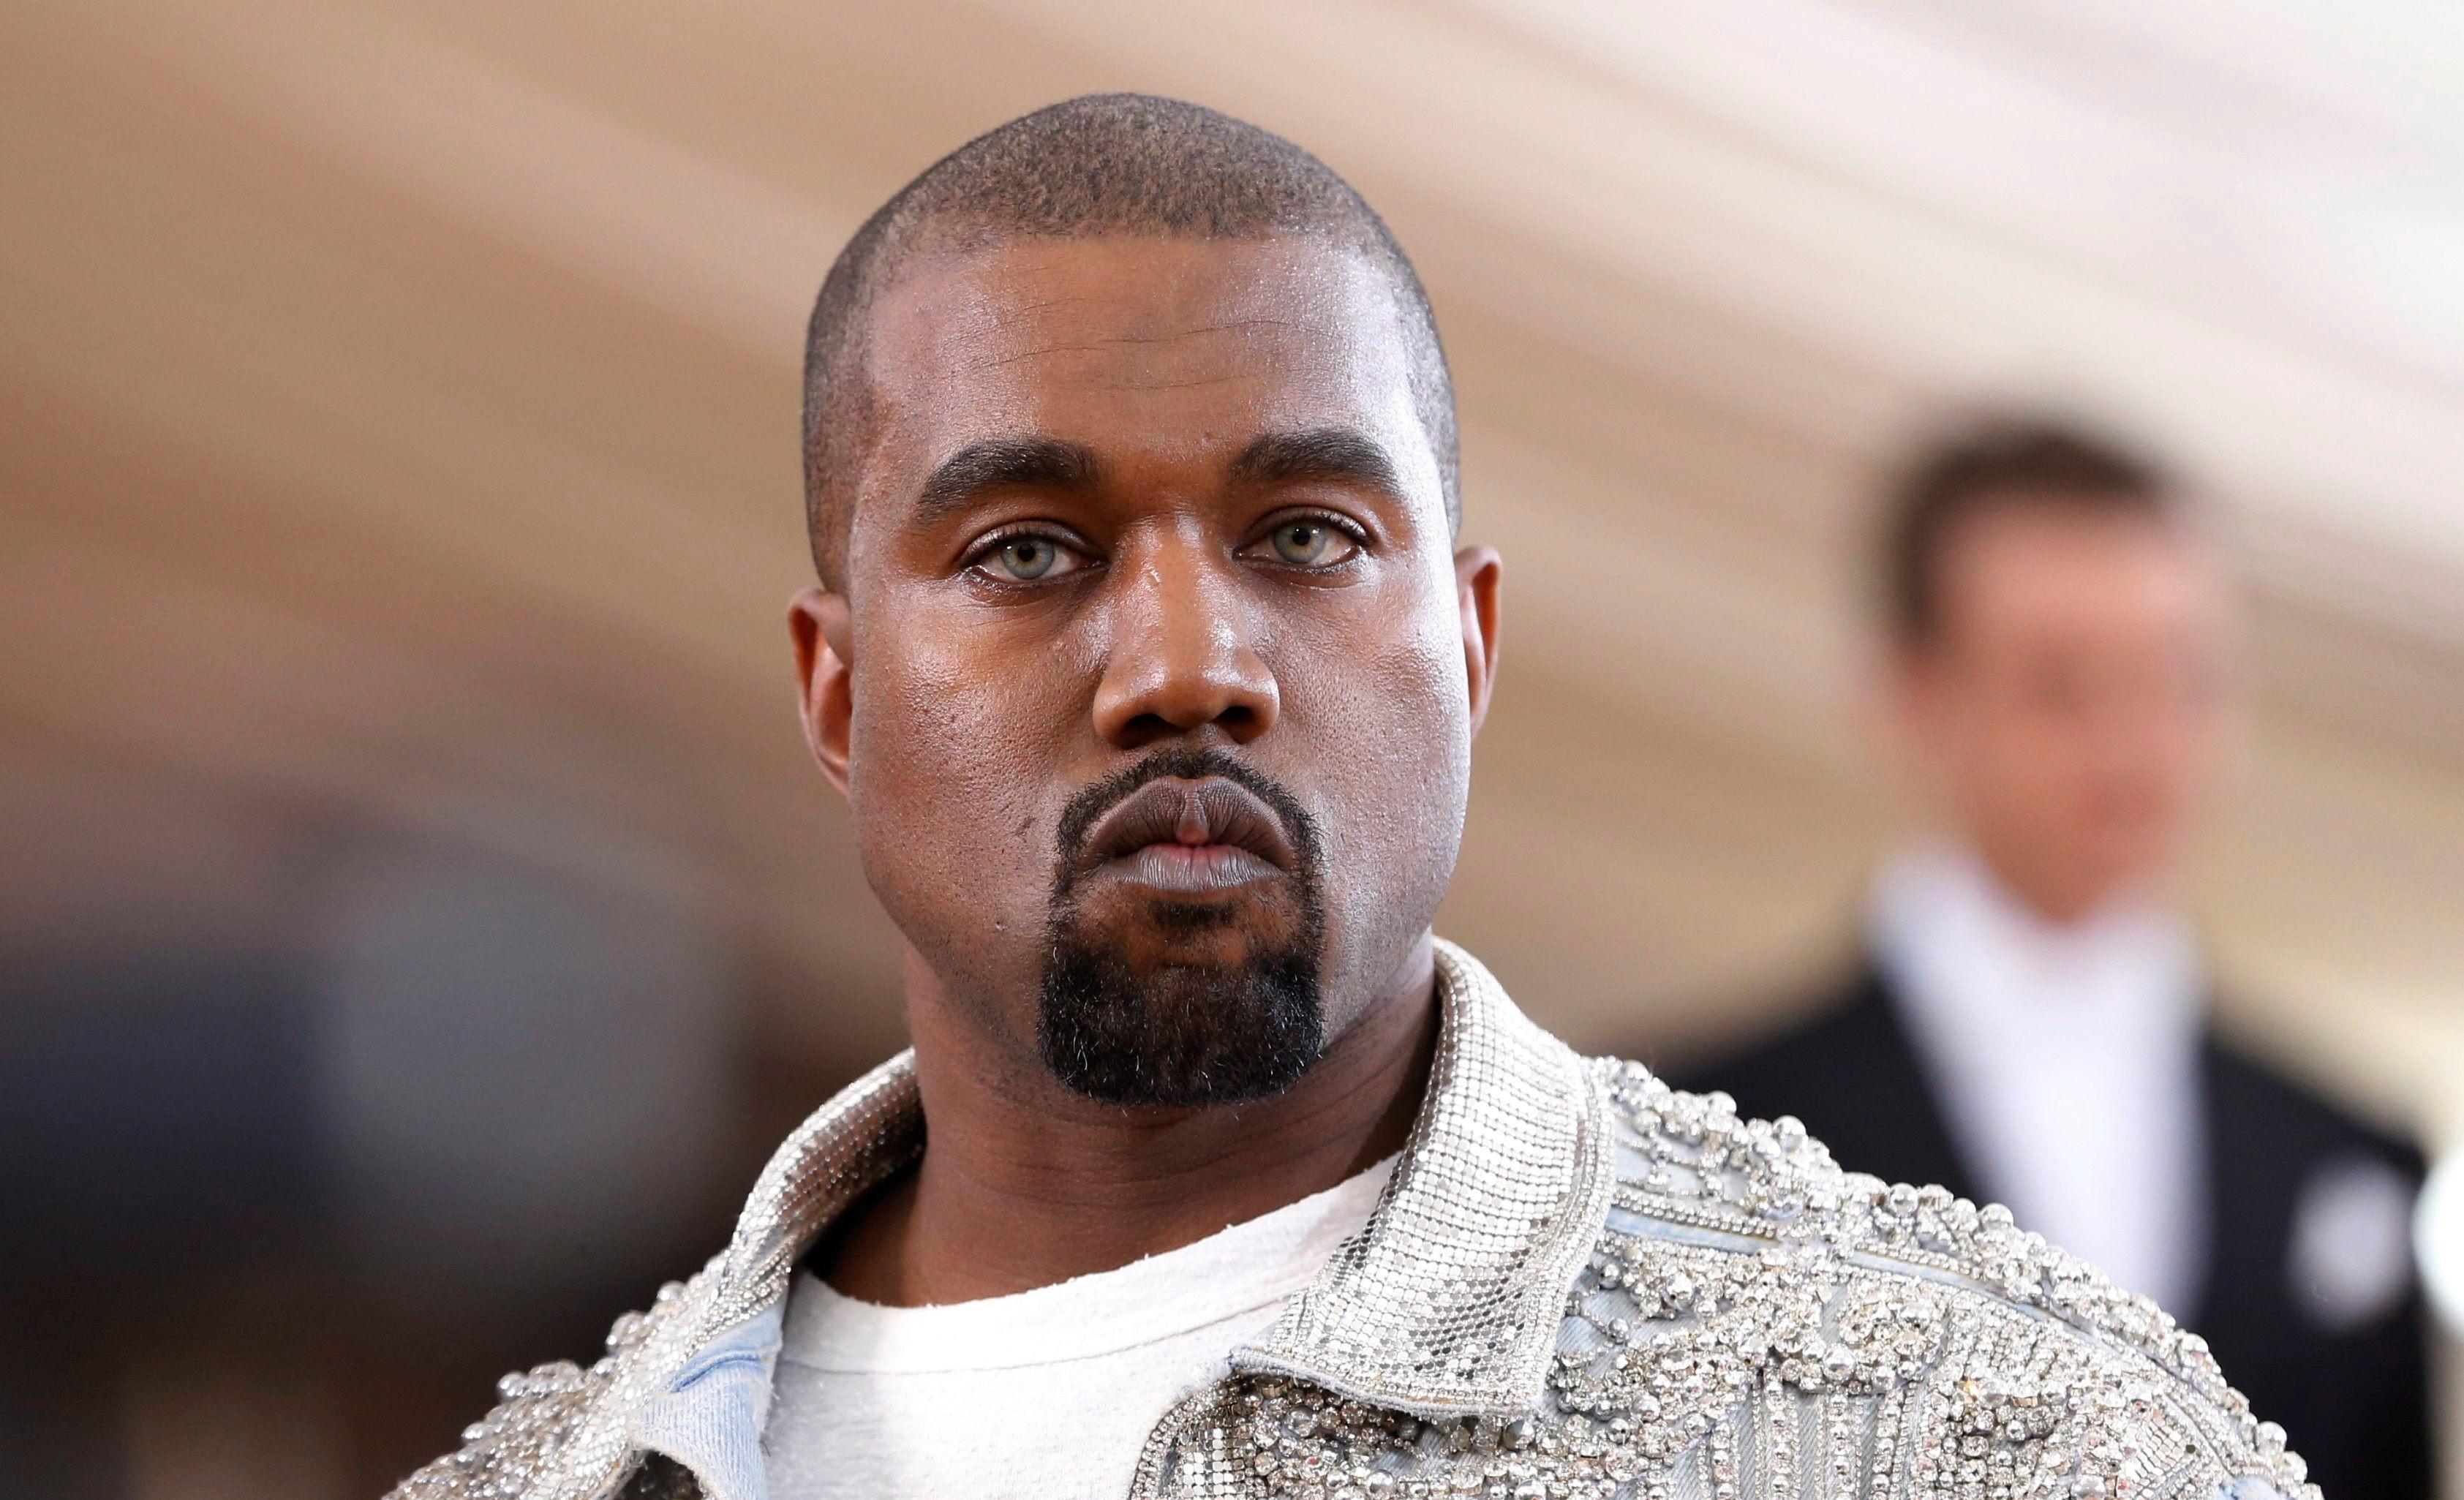 Kanye West doa US$ 2 milhões a famílias de vítimas negras e paga estudos da filha de George Floyd